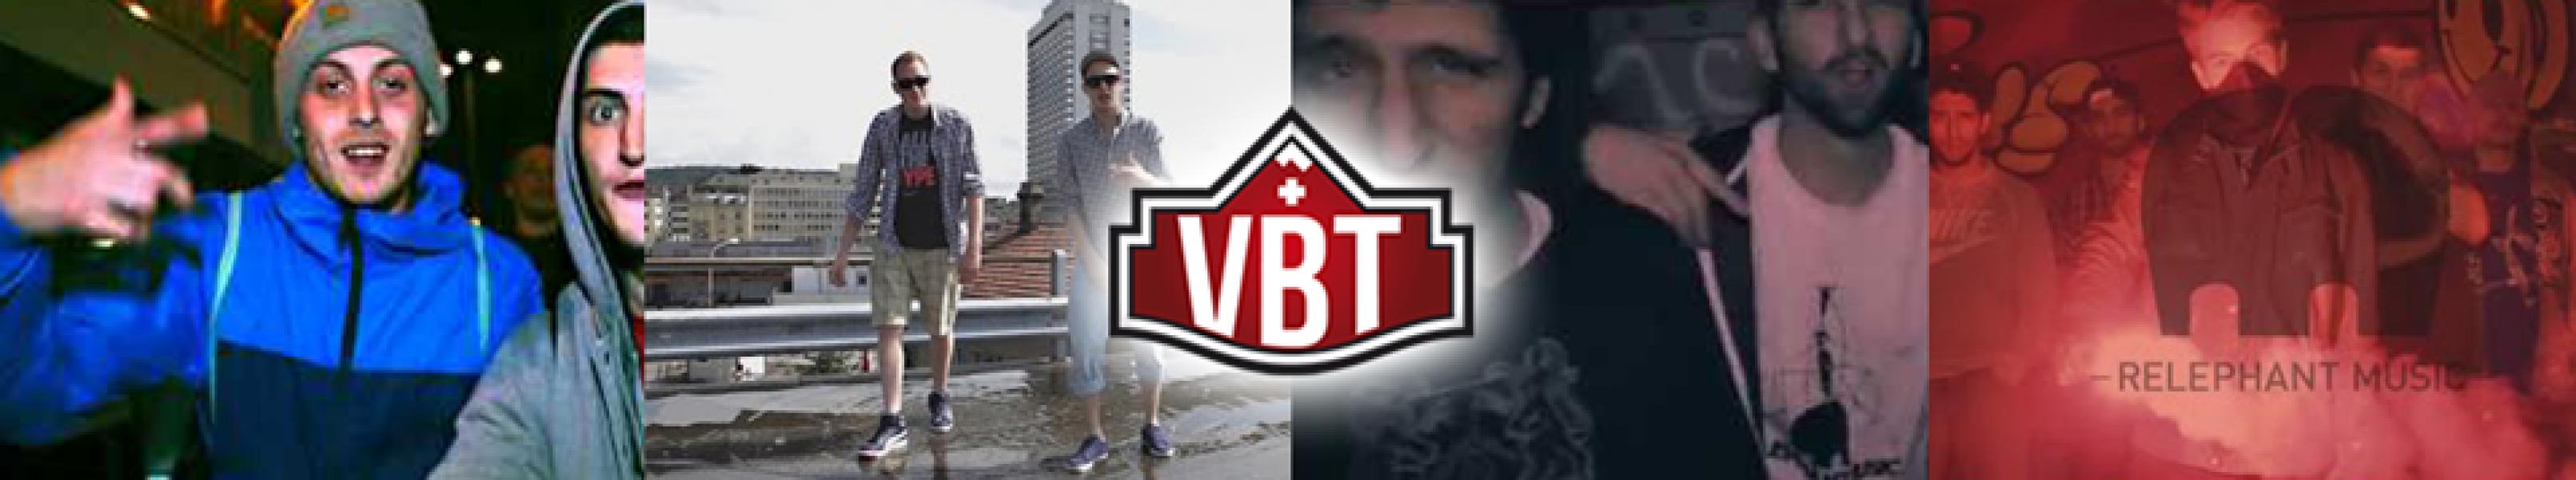 RELX vs. Relephant Music – Crew VBT 2014 Finale